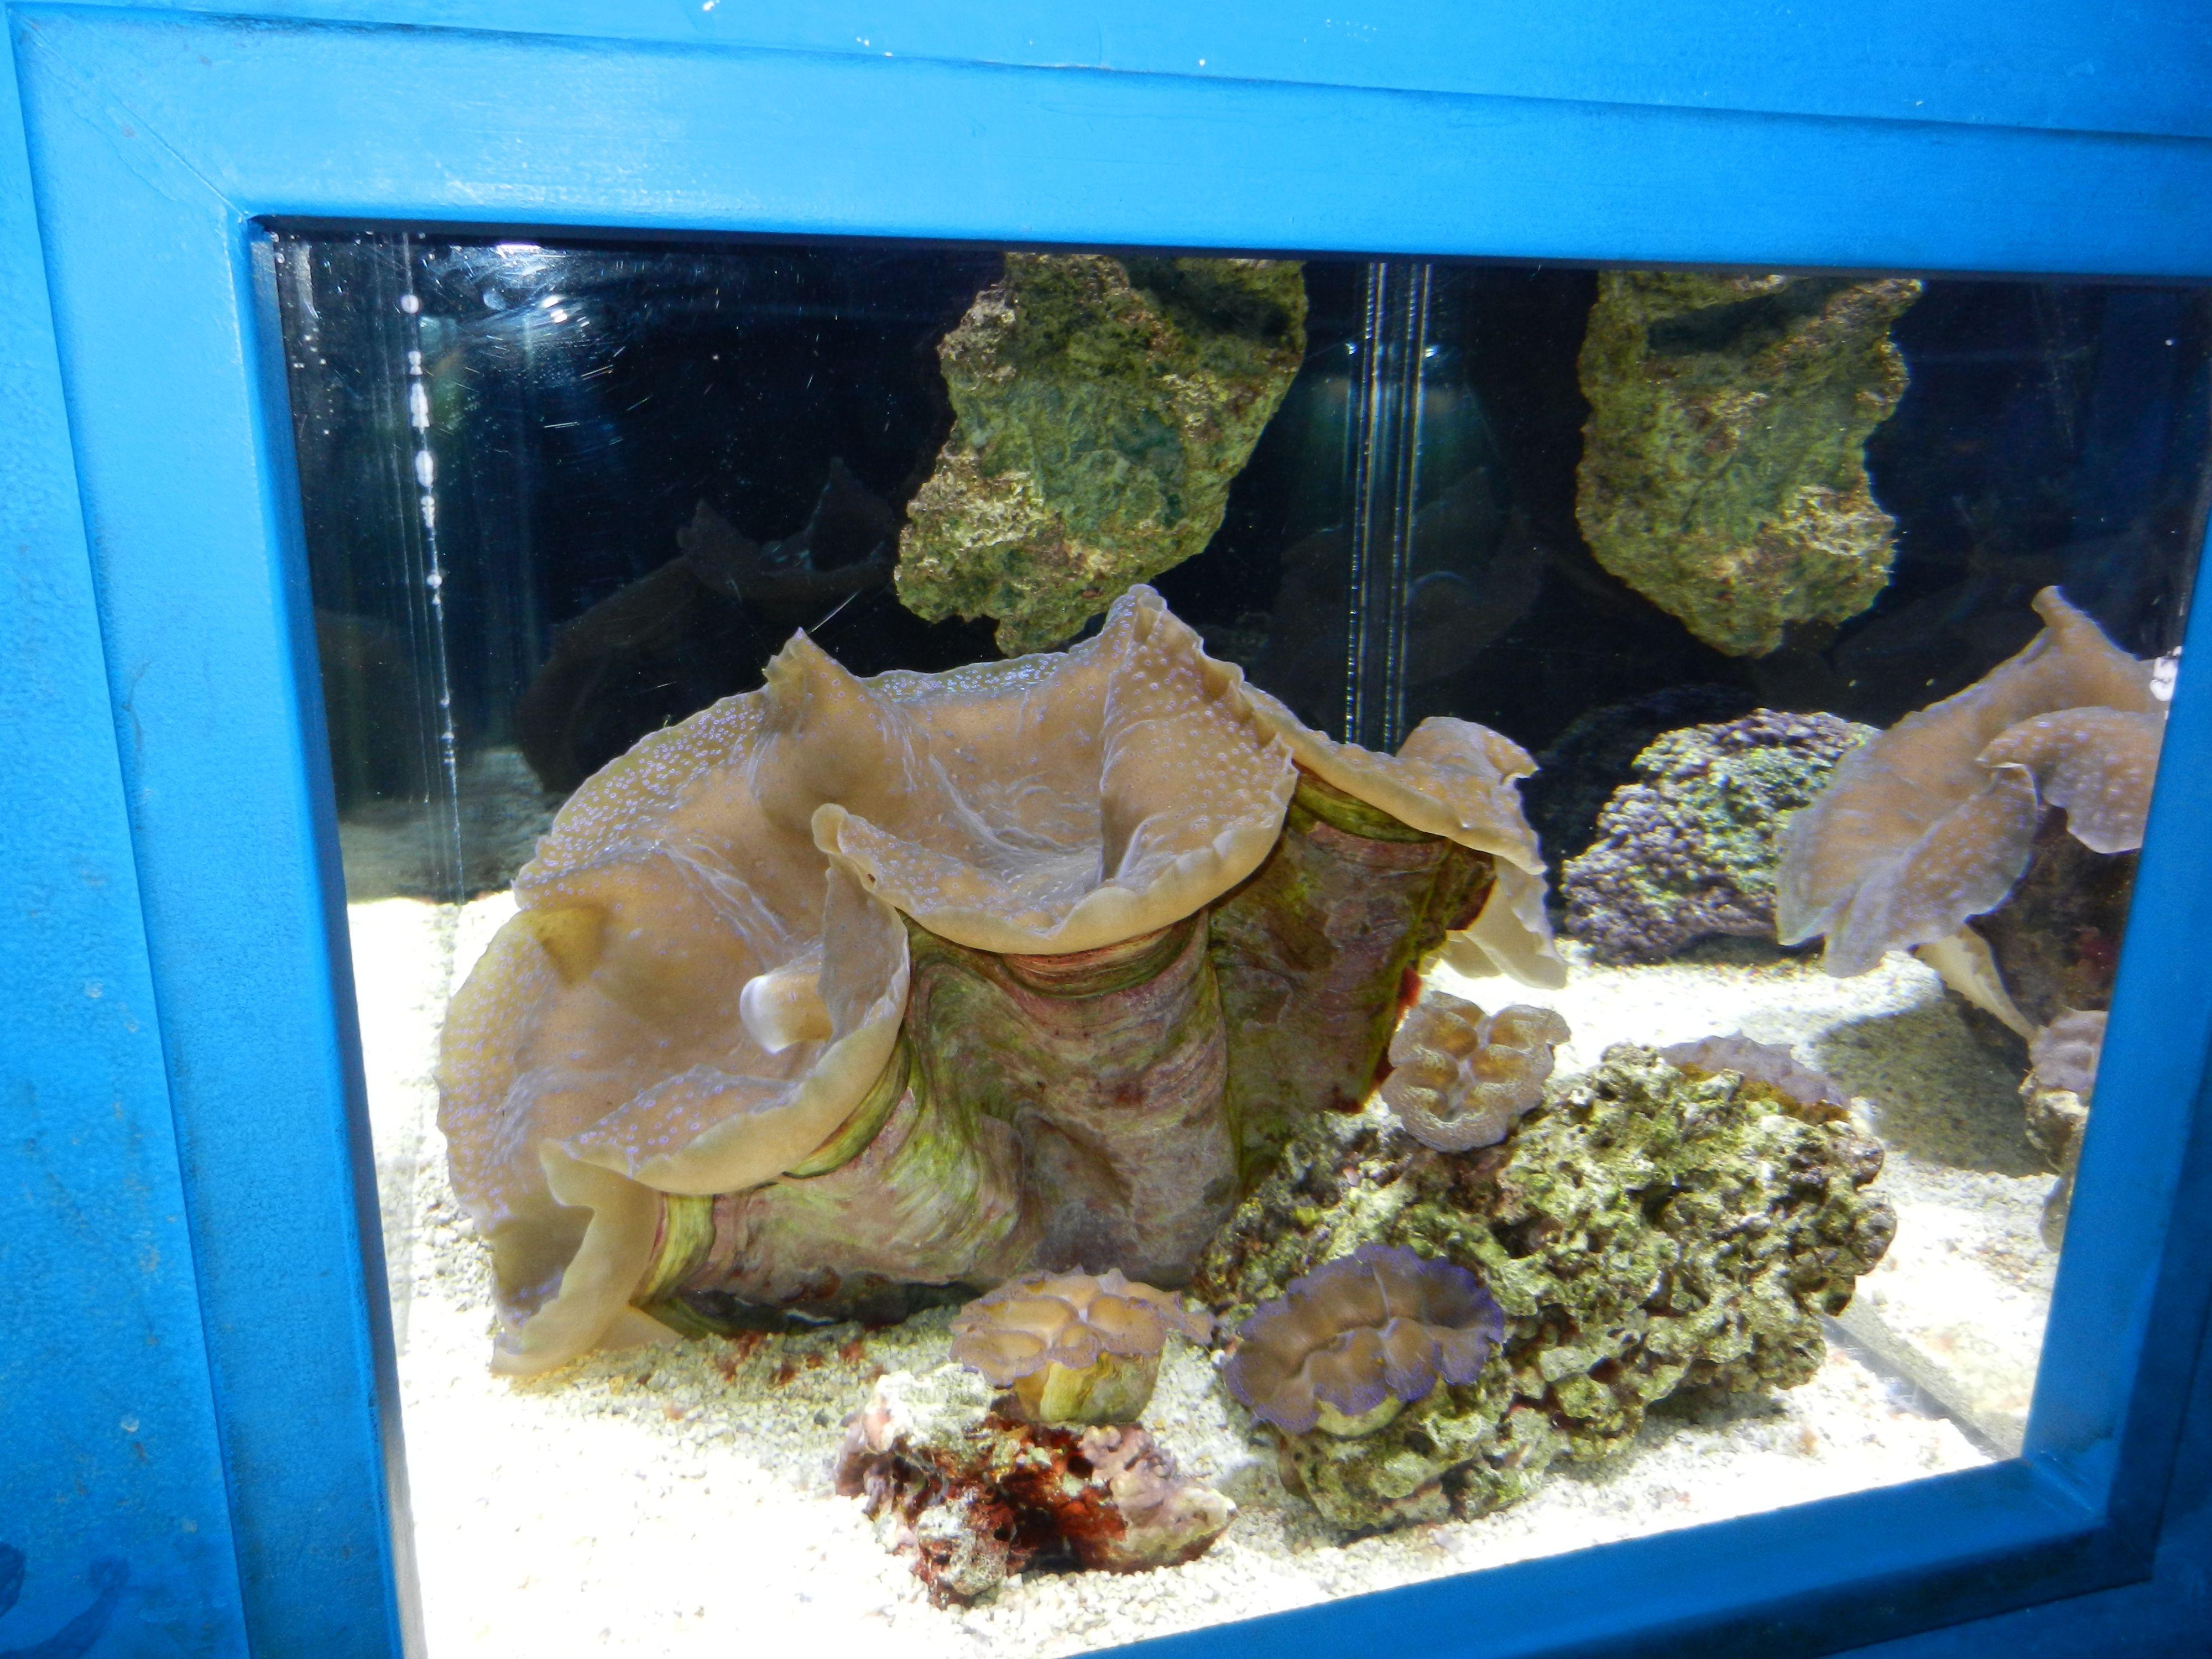 Fish aquarium for sale in pakistan - Aquarium In Albuquerque Giant Clam